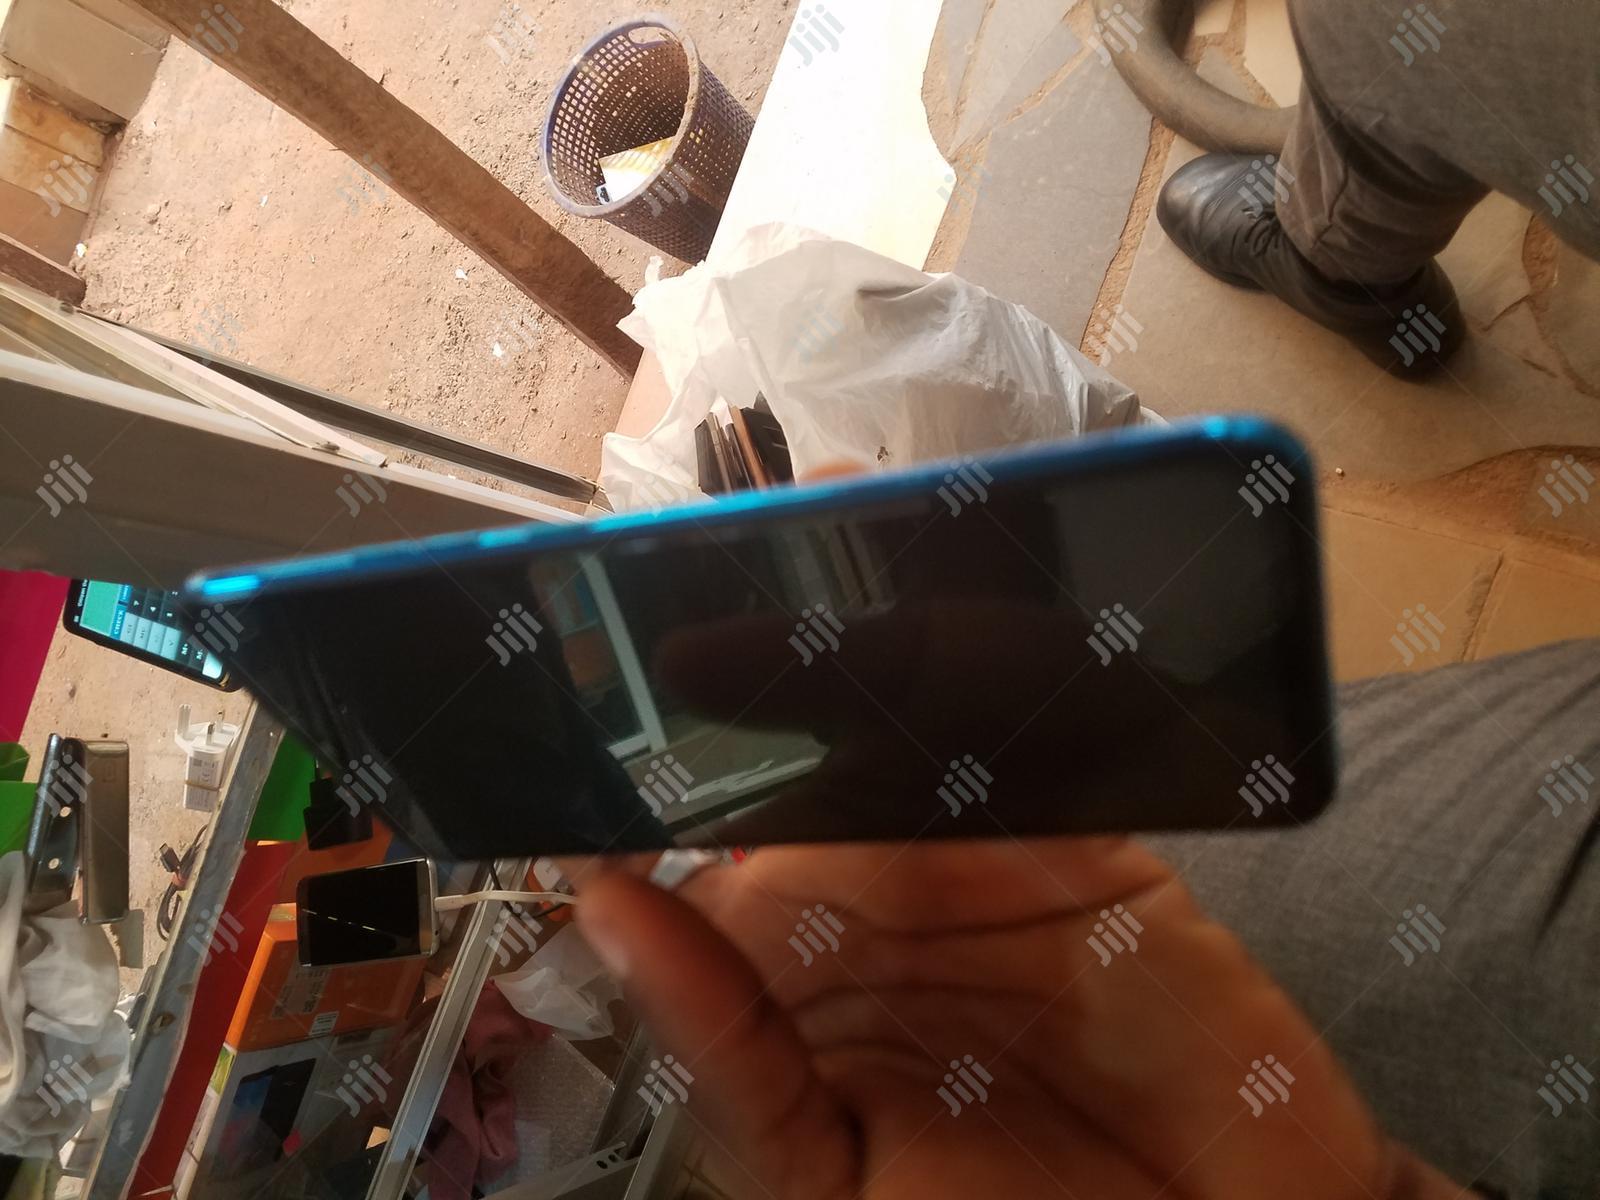 Tecno Phantom 9 64 GB